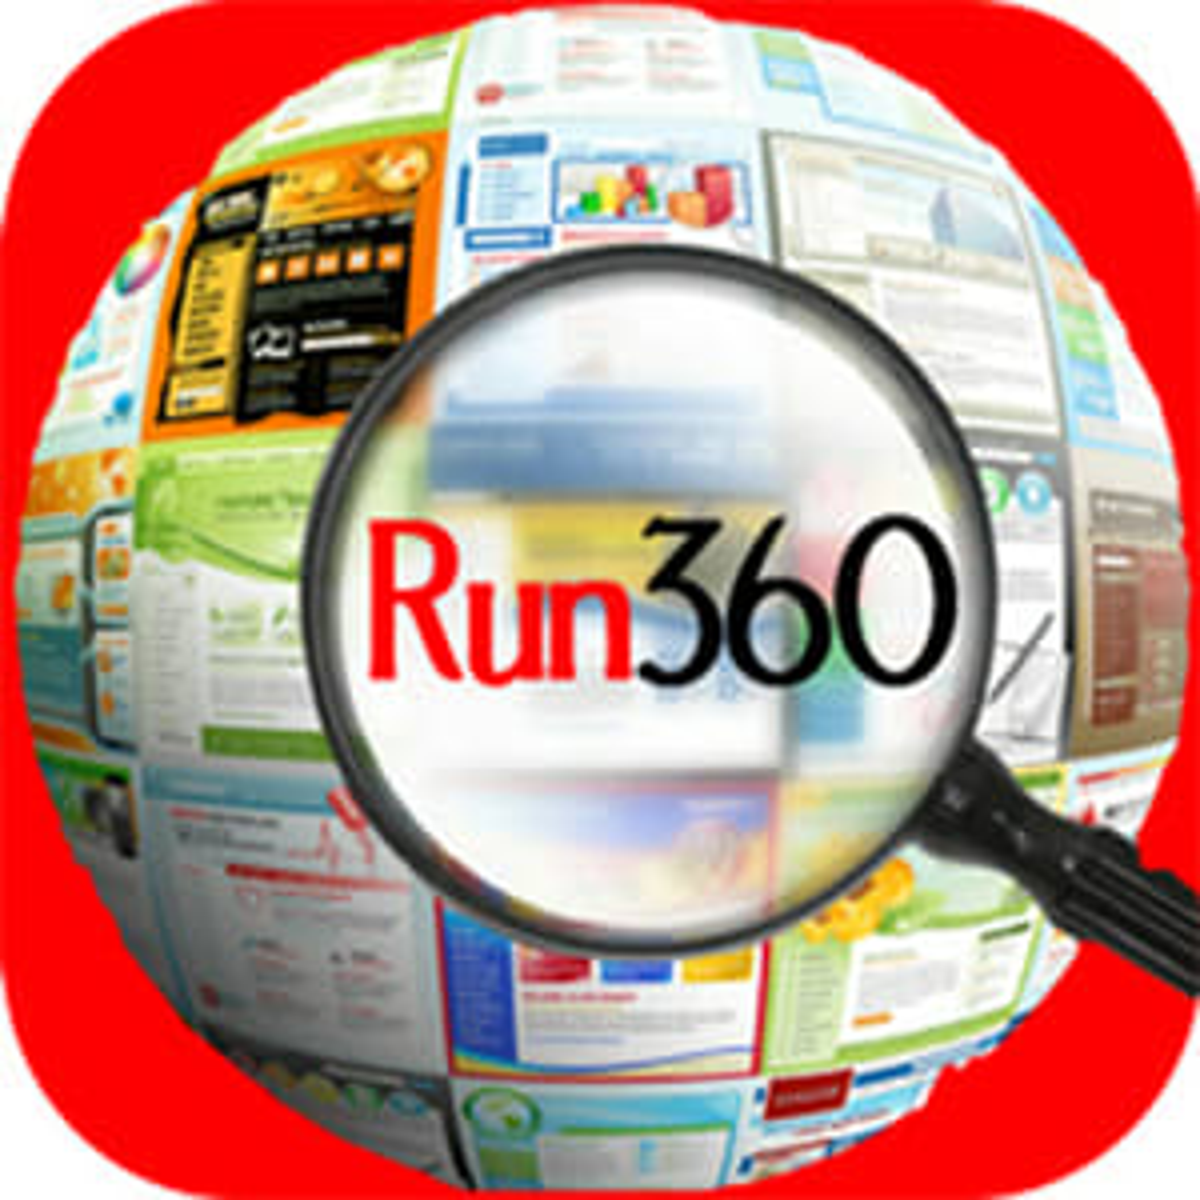 Run360